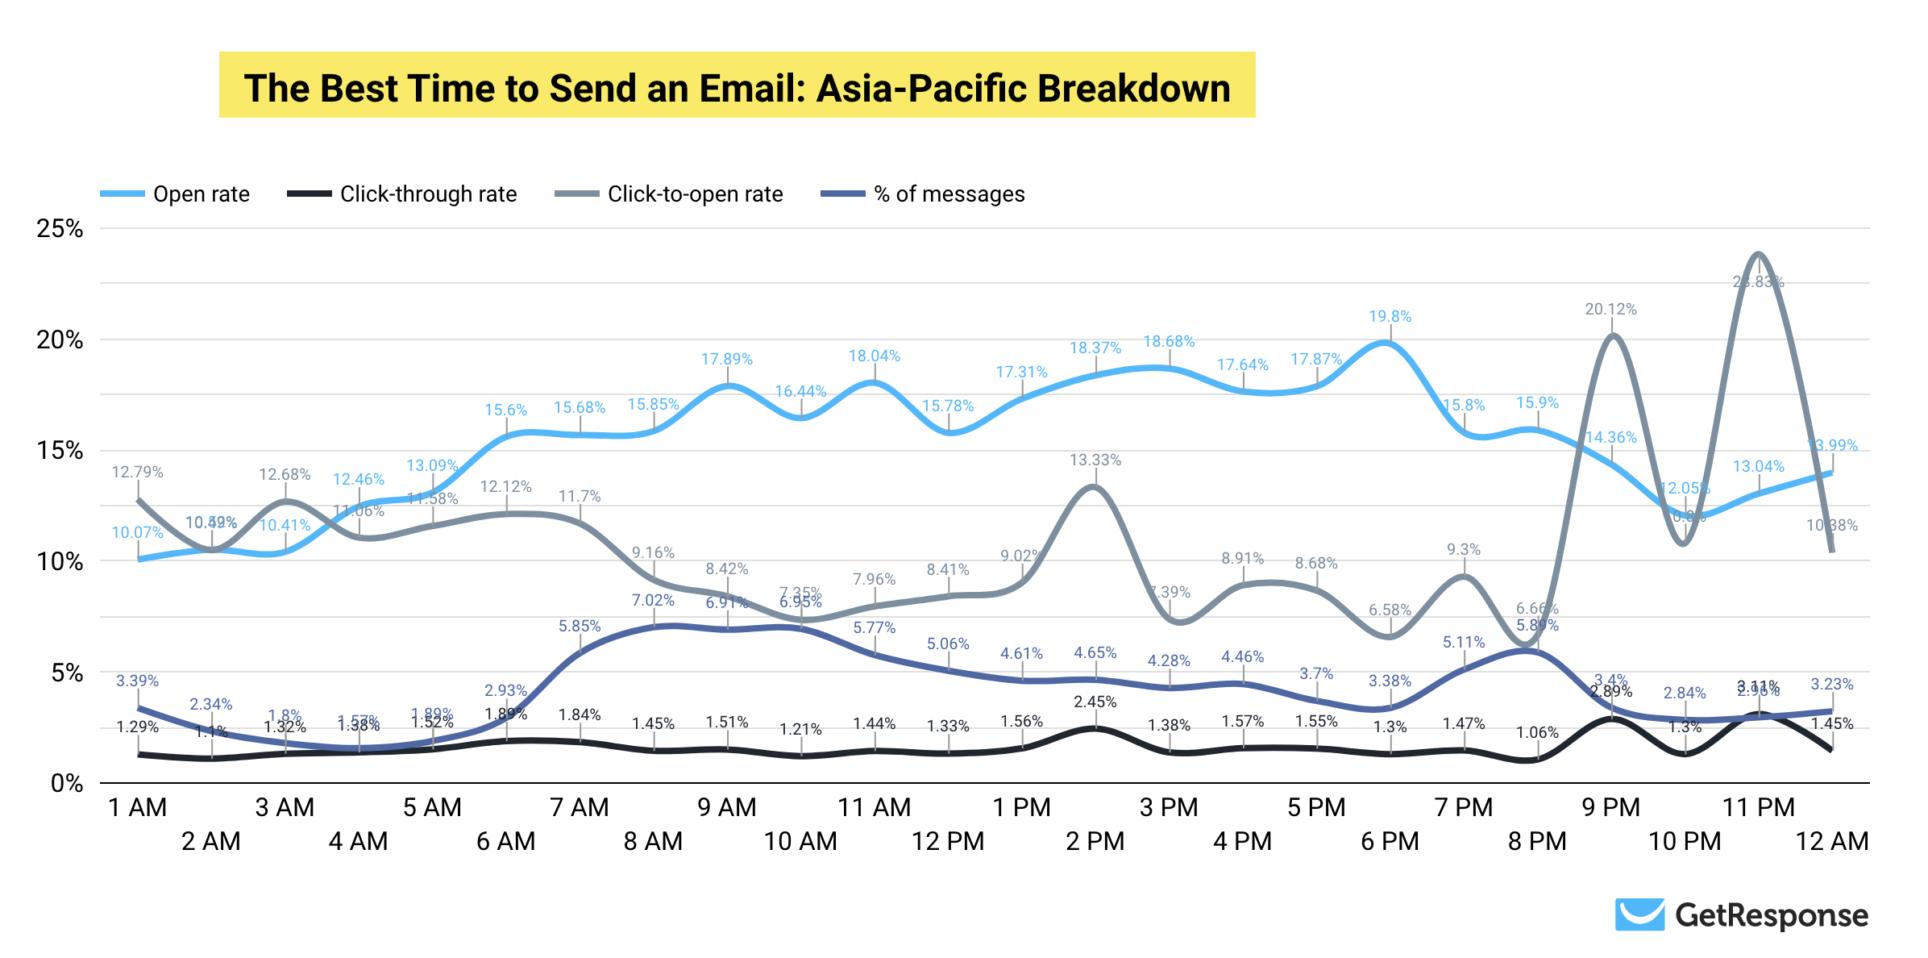 Самое оптимальное время для доставки: разбивка результатов для Азиатско-Тихоокеанского региона